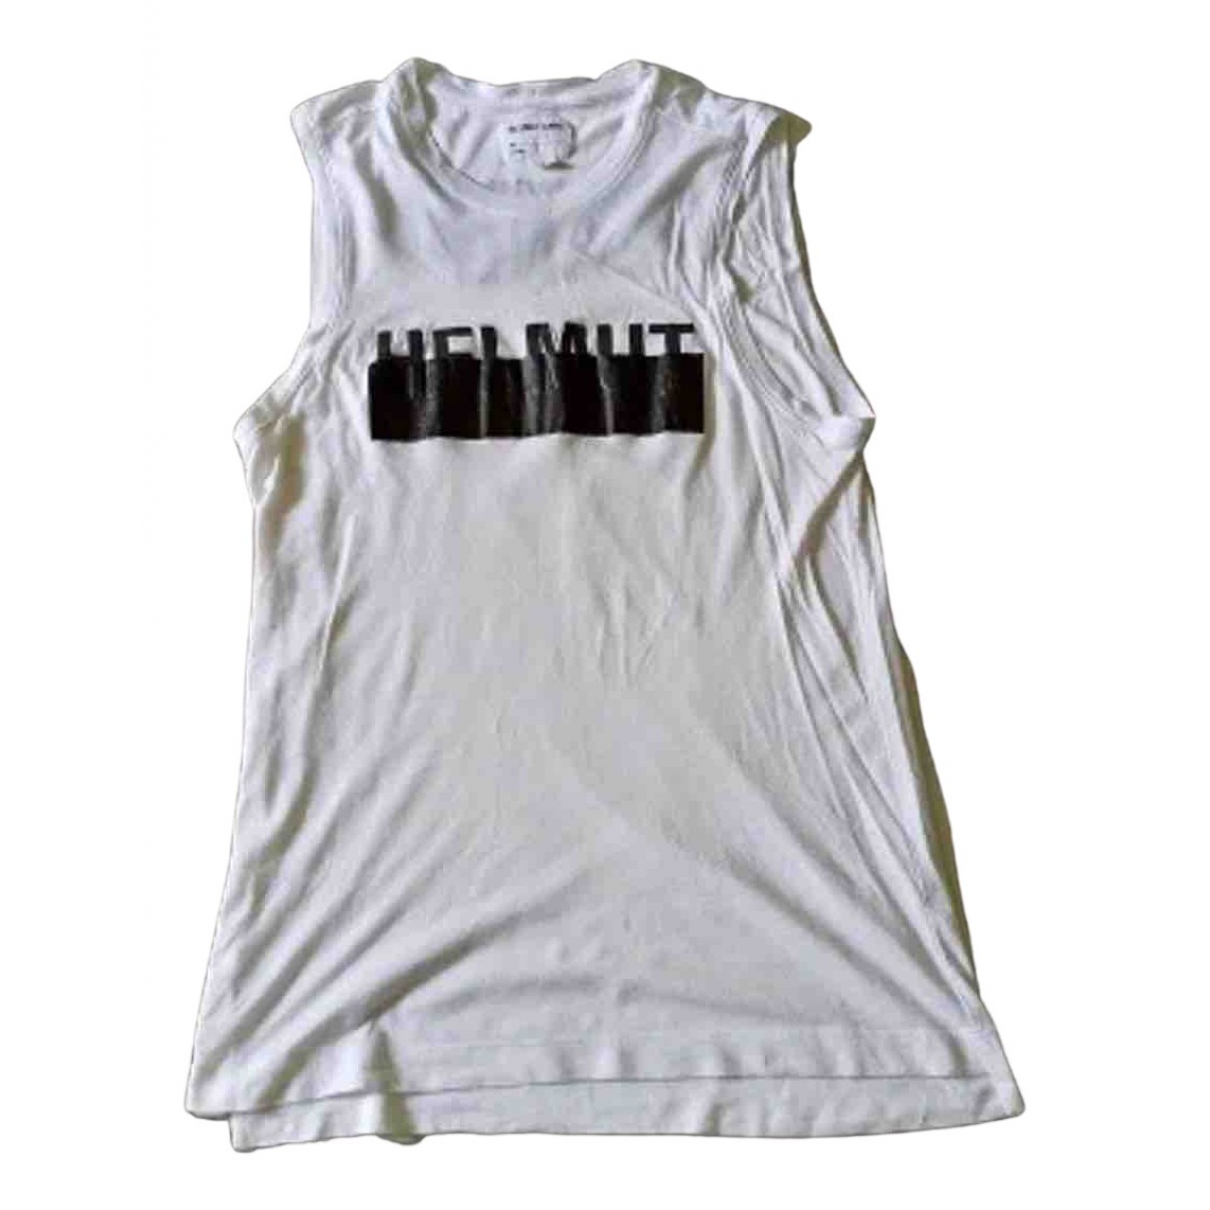 Helmut Lang - Tee shirts   pour homme en coton - blanc